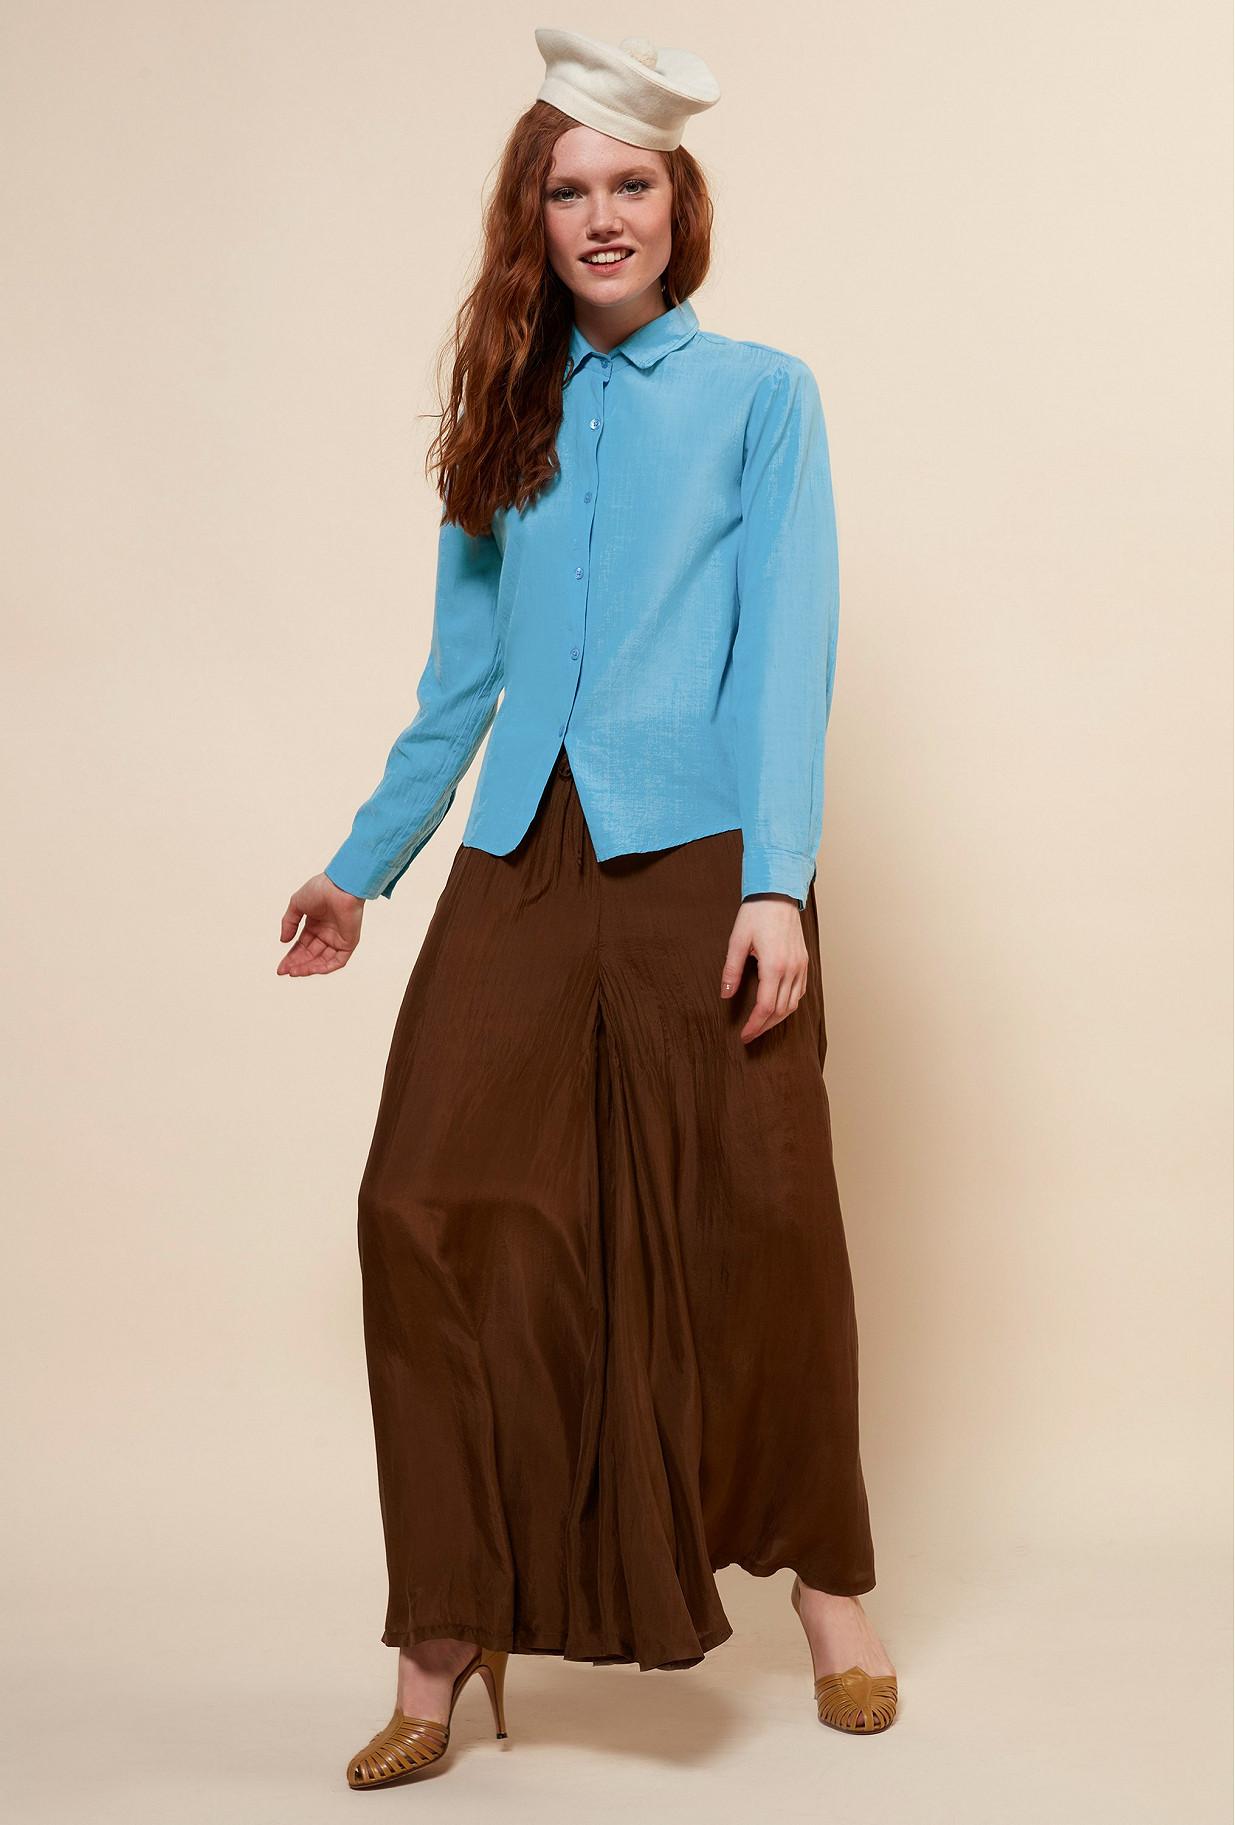 CHEMISE Bleu  Maldives mes demoiselles paris vêtement femme paris